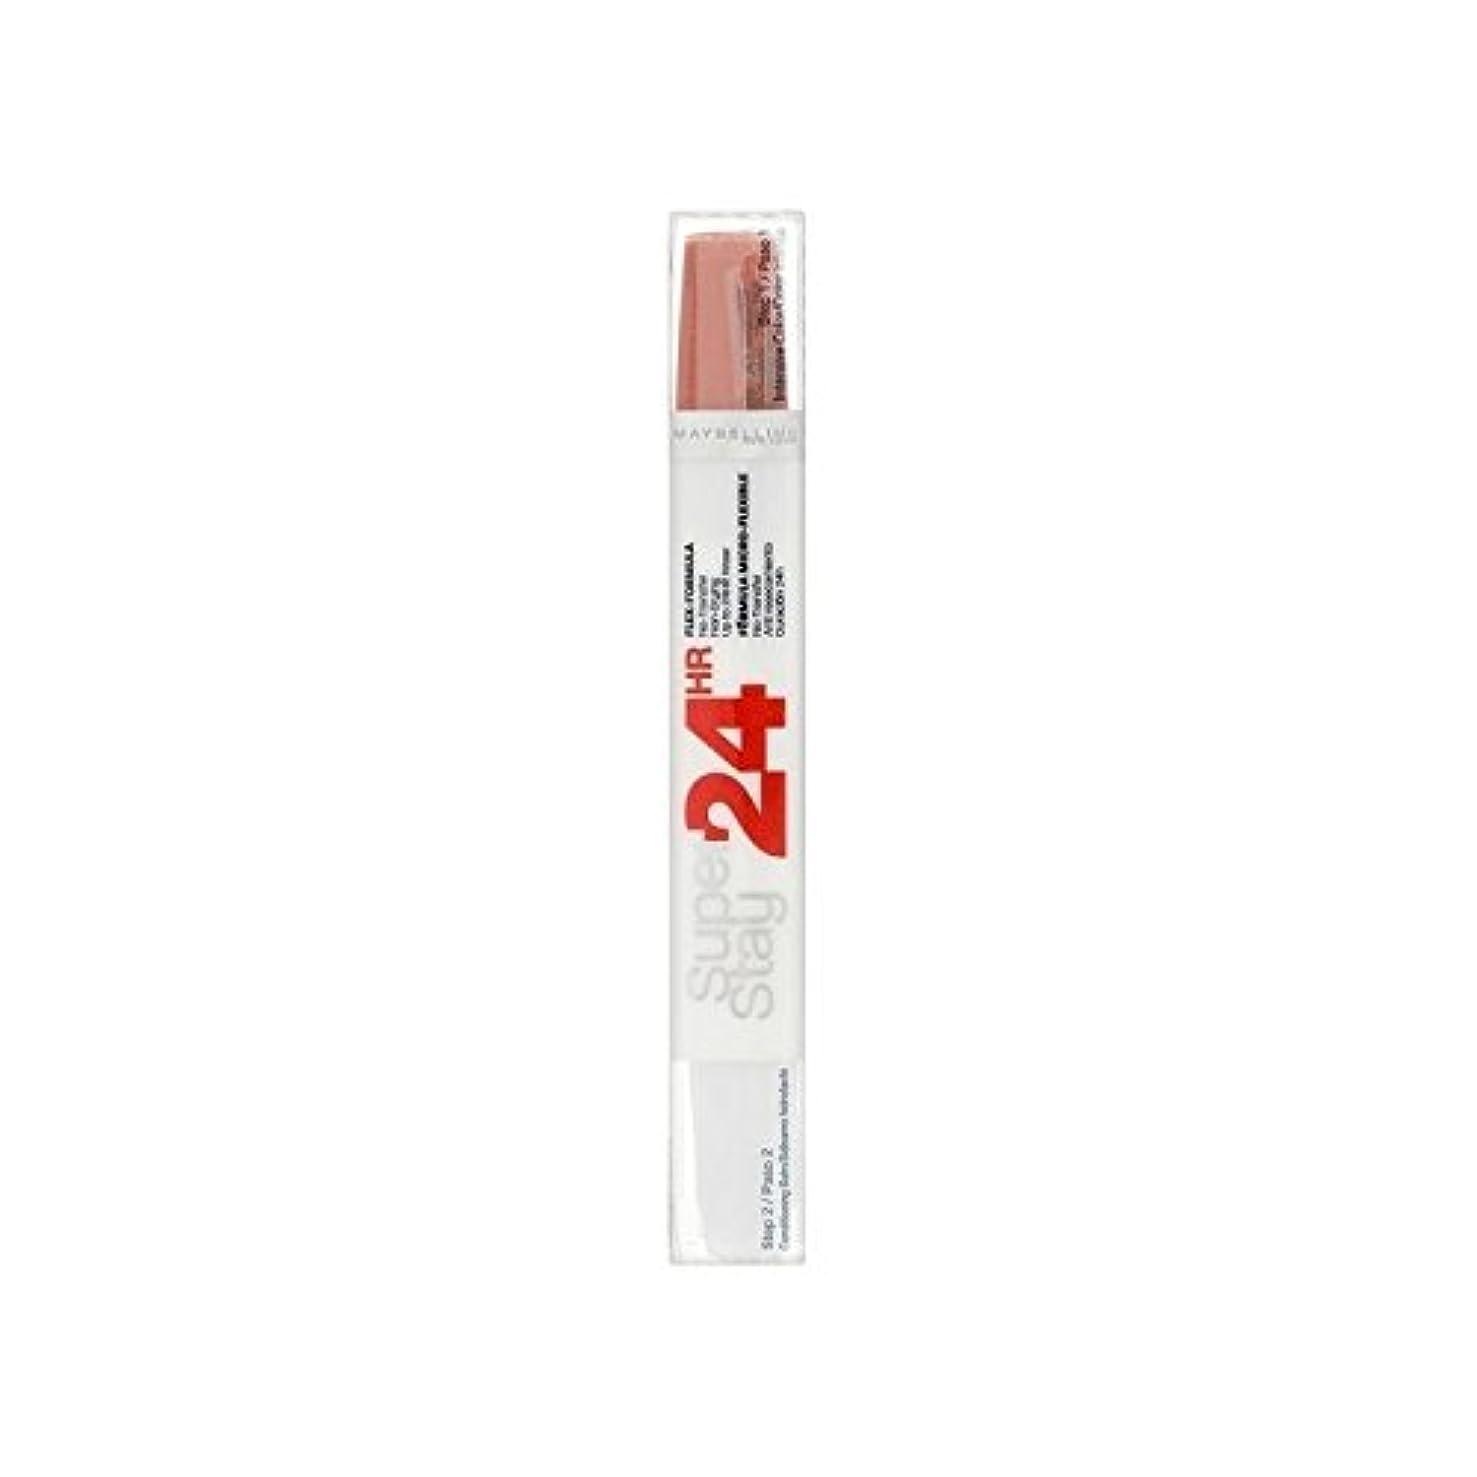 リム検出可能勧告Maybelline SuperStay24H Dual Lipstick 460 Infinite Coral 9ml (Pack of 6) - メイベリン24デュアル口紅460無限サンゴ9ミリリットル x6 [並行輸入品]